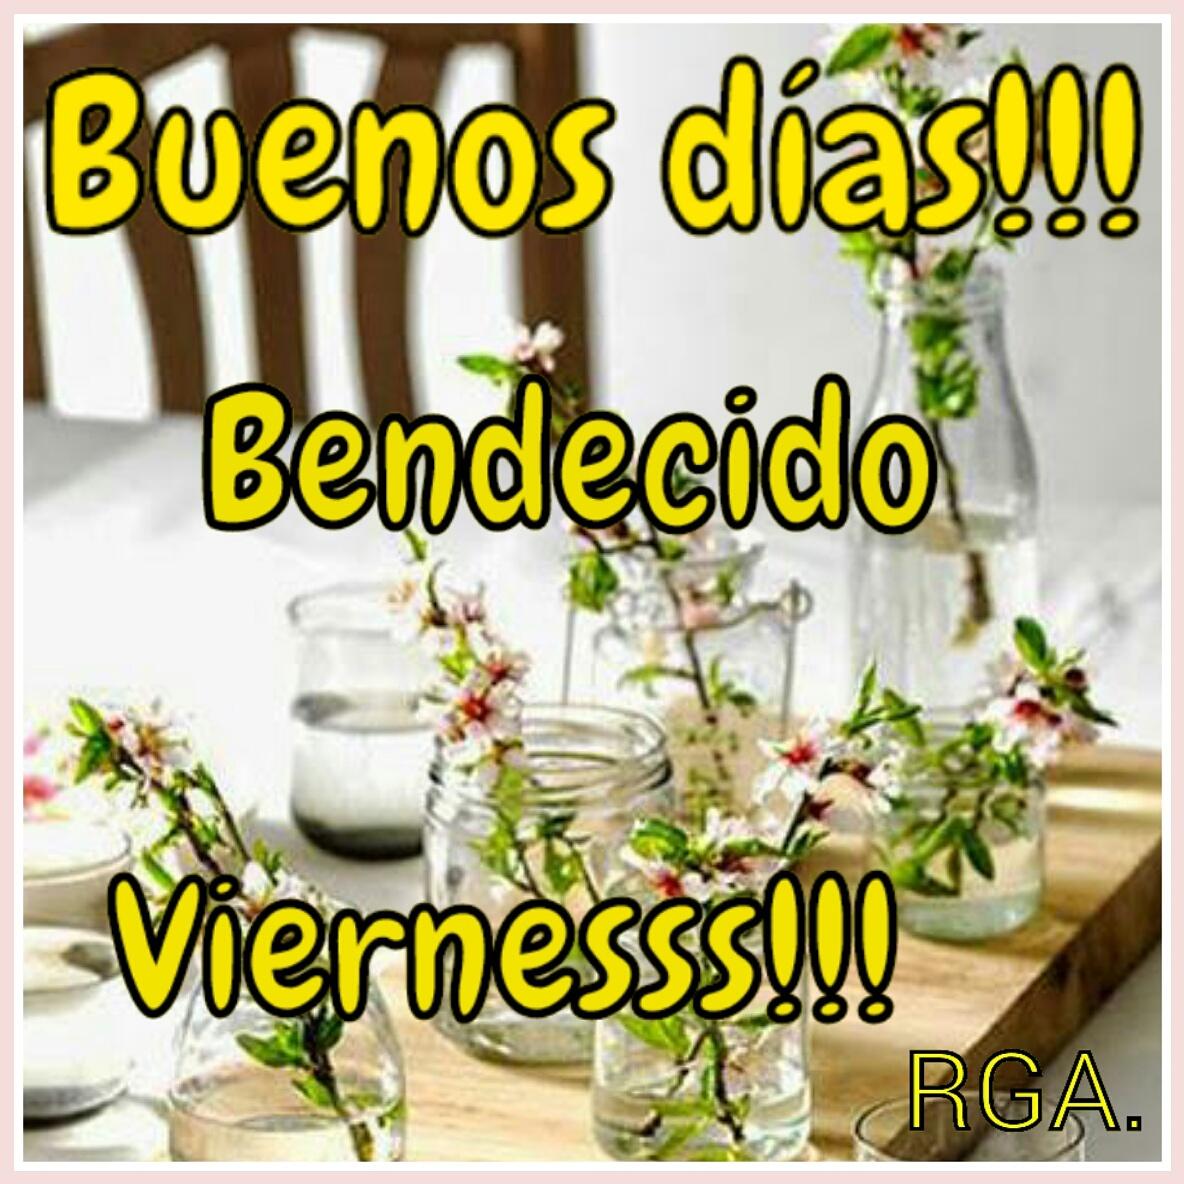 Buenos Días Viernes Bendecido y Feliz Imágenes